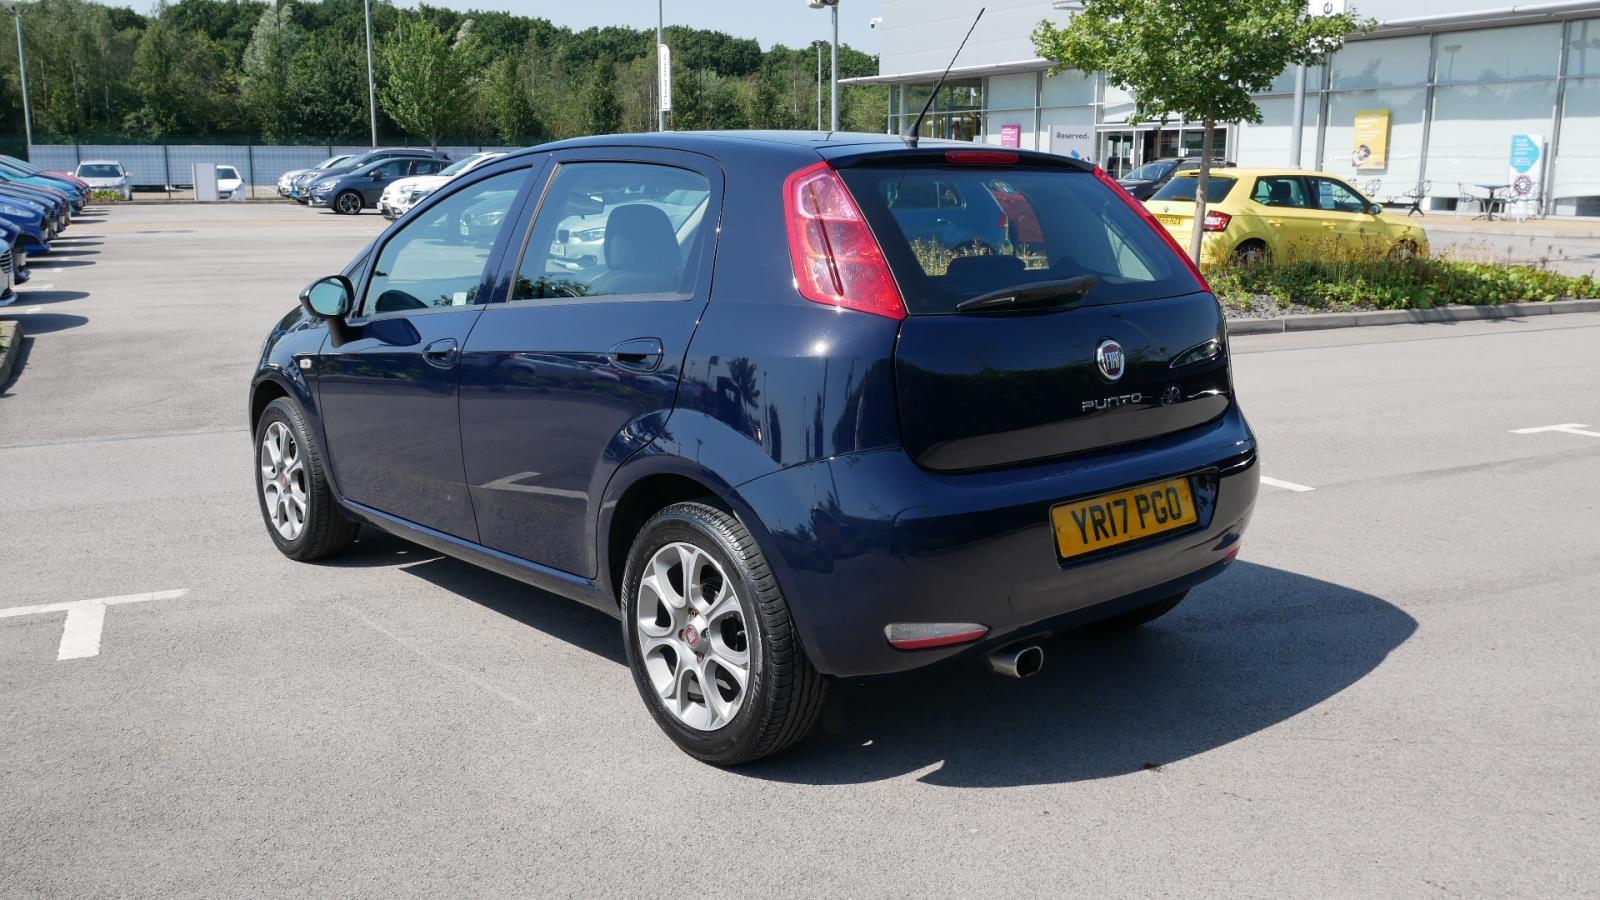 Used FIAT PUNTO 1 2 Easy+ 5dr | Blue | YR17PGO | Sheffield